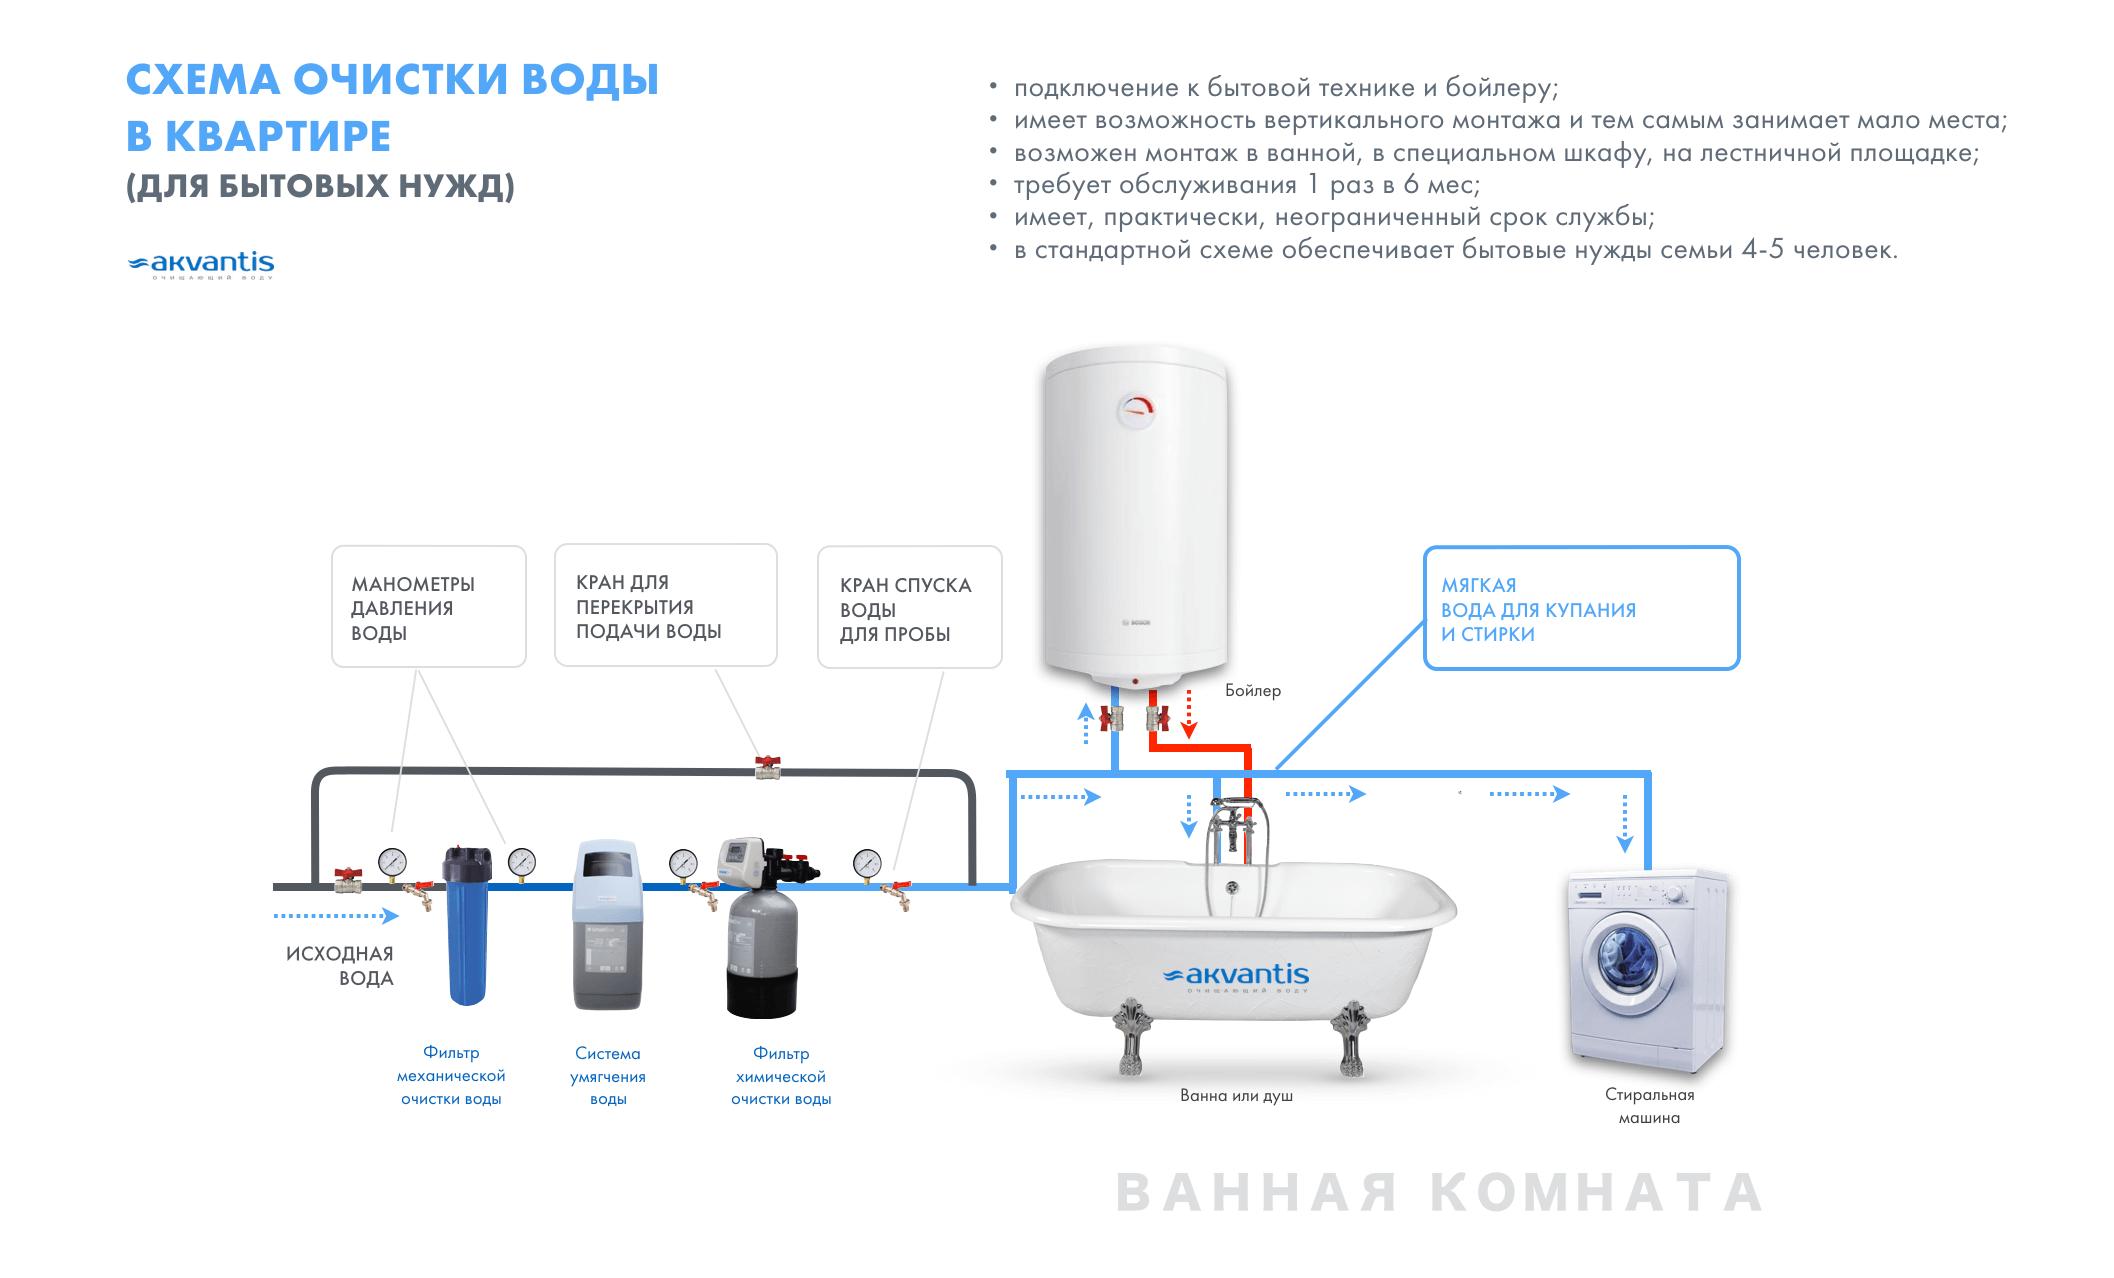 Схема умягчения воды в квартире